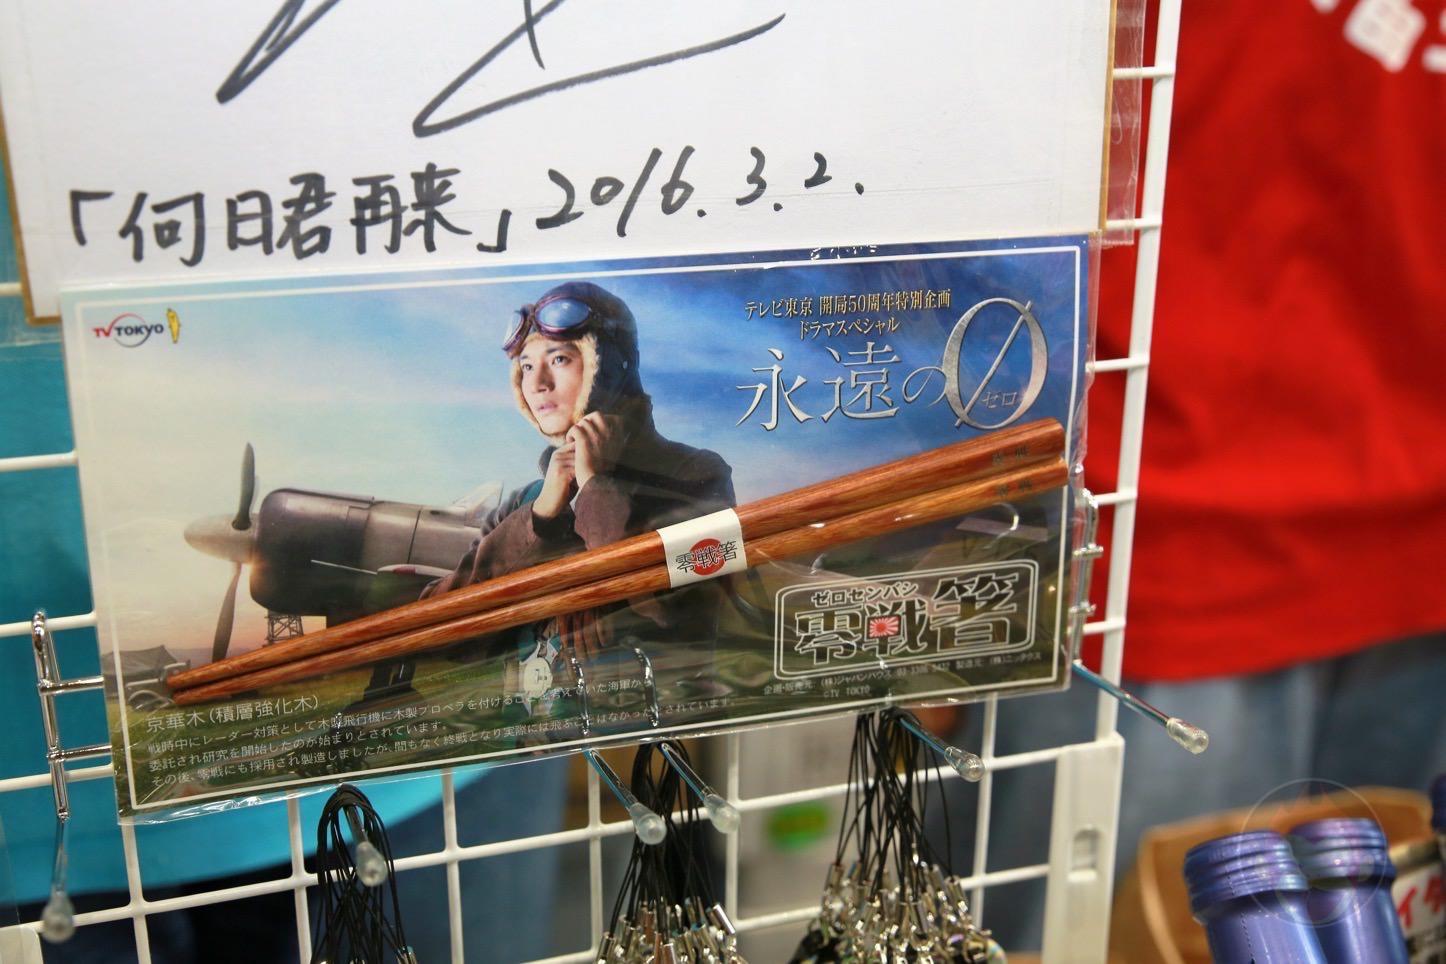 Furusato-Koshien-2016-4-09.JPG